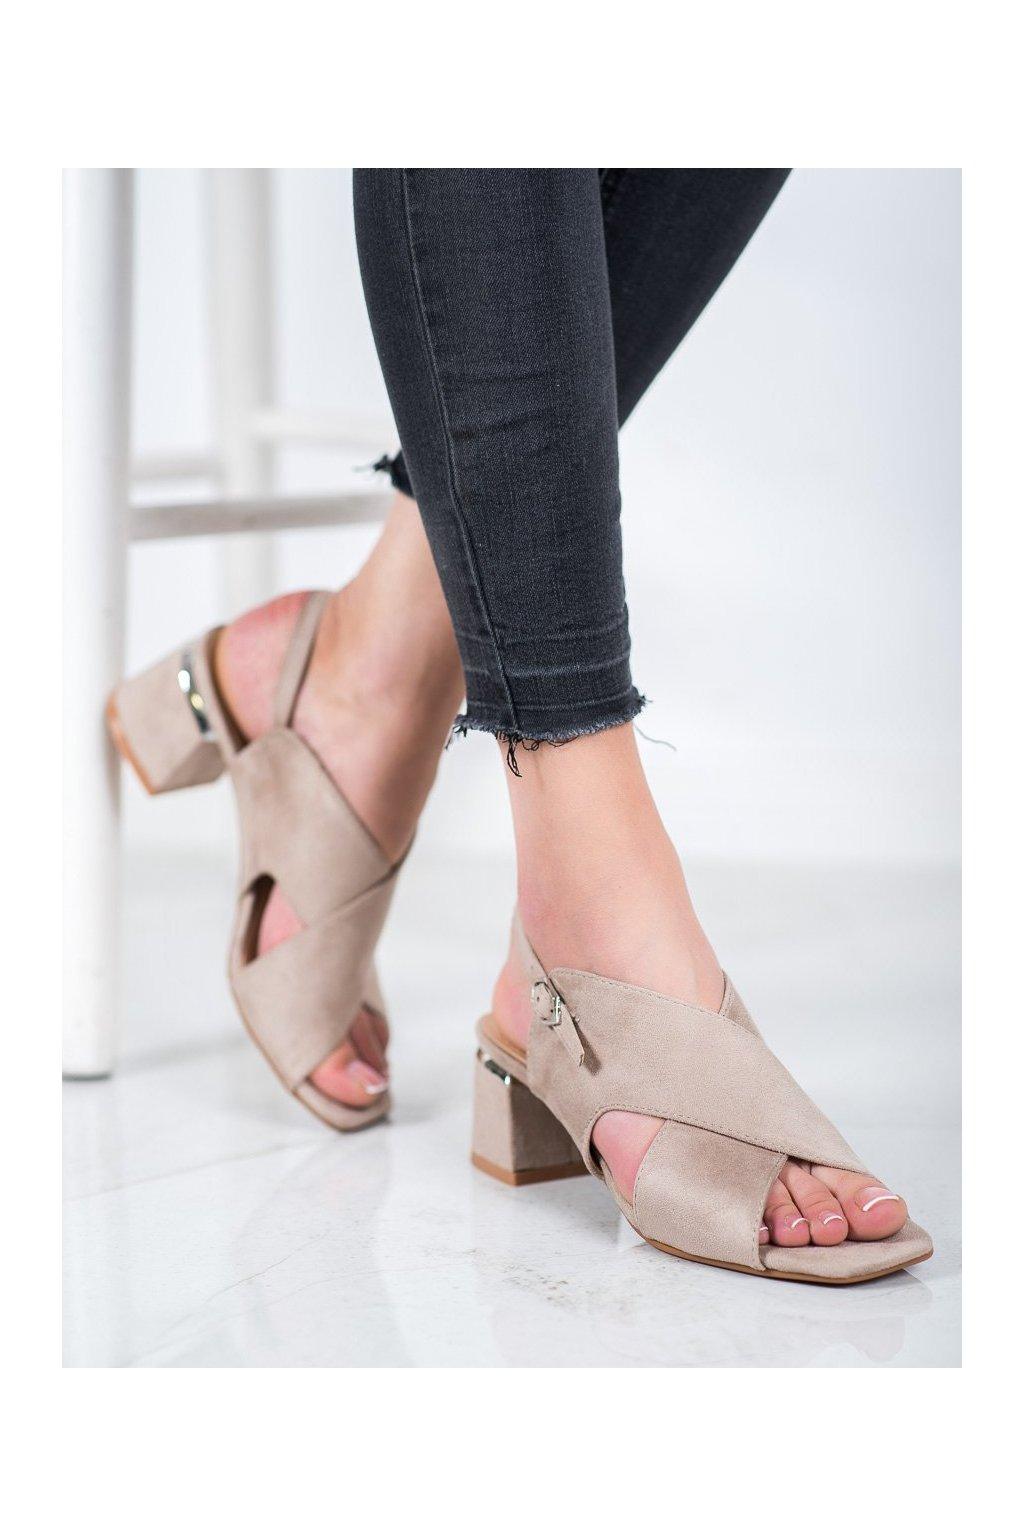 Hnedé sandále Kylie kod K2012801TA